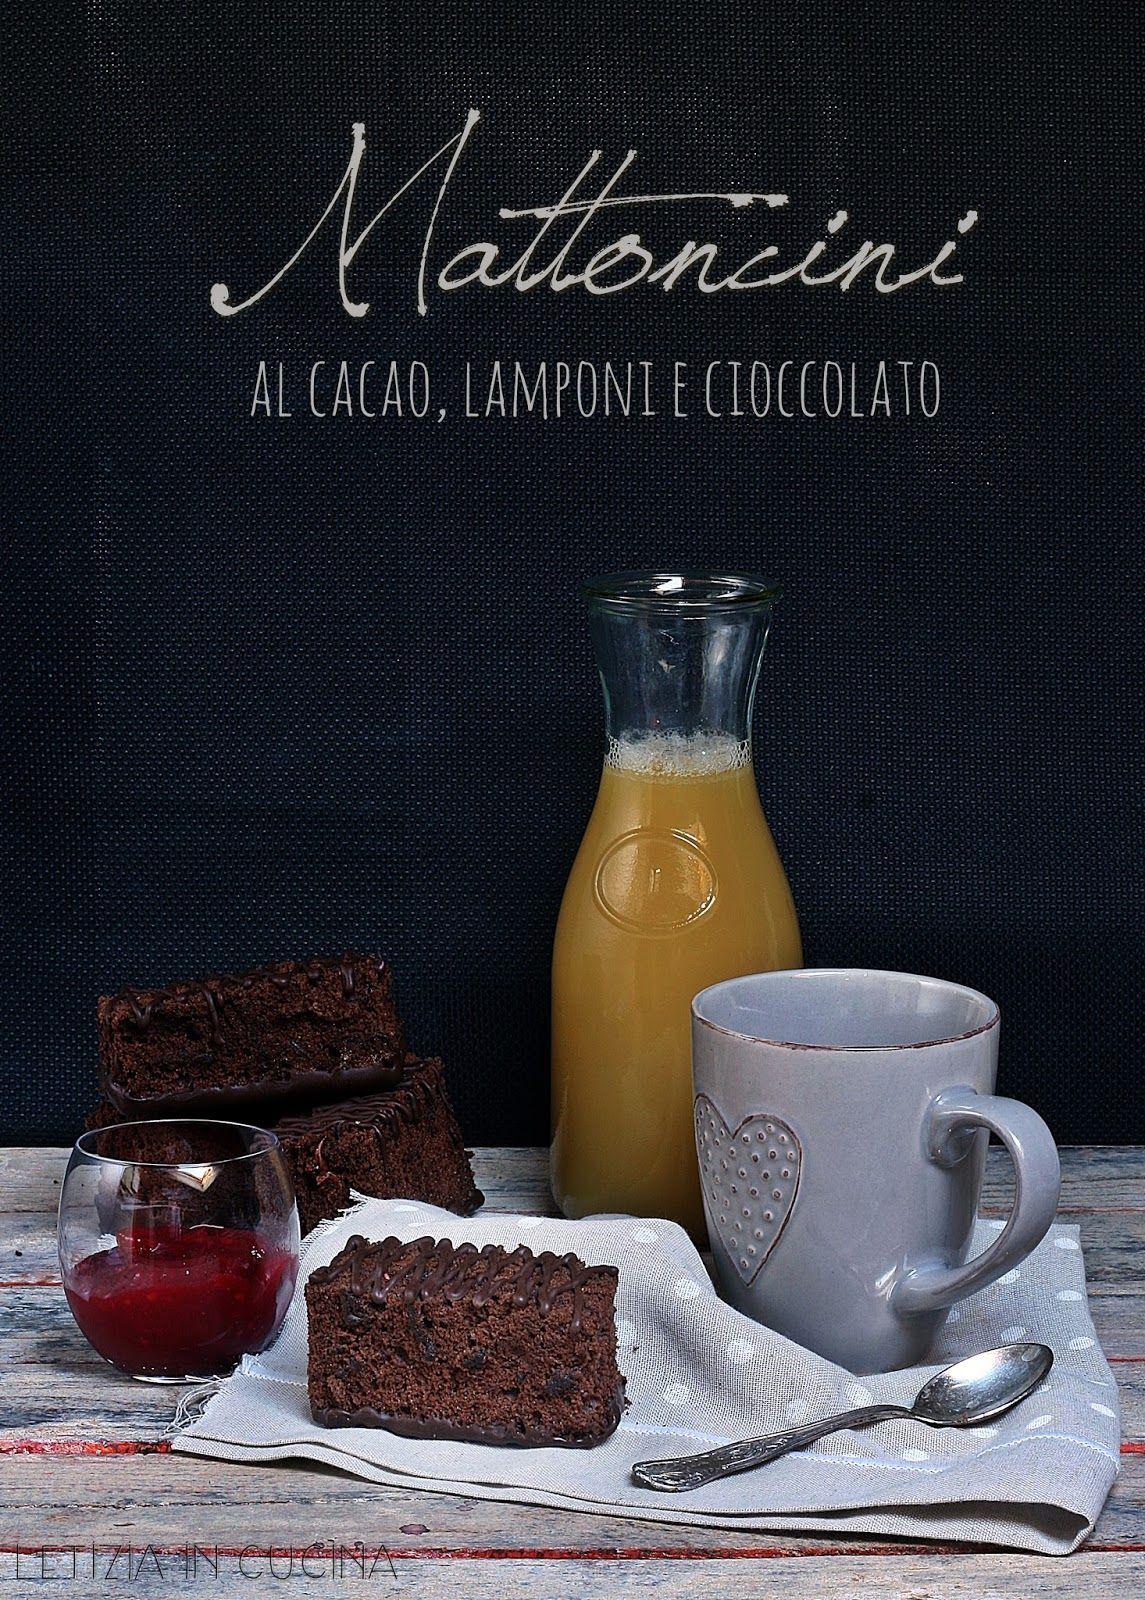 Letizia in Cucina: Mattoncini al cacao con marmellata di lamponi ...